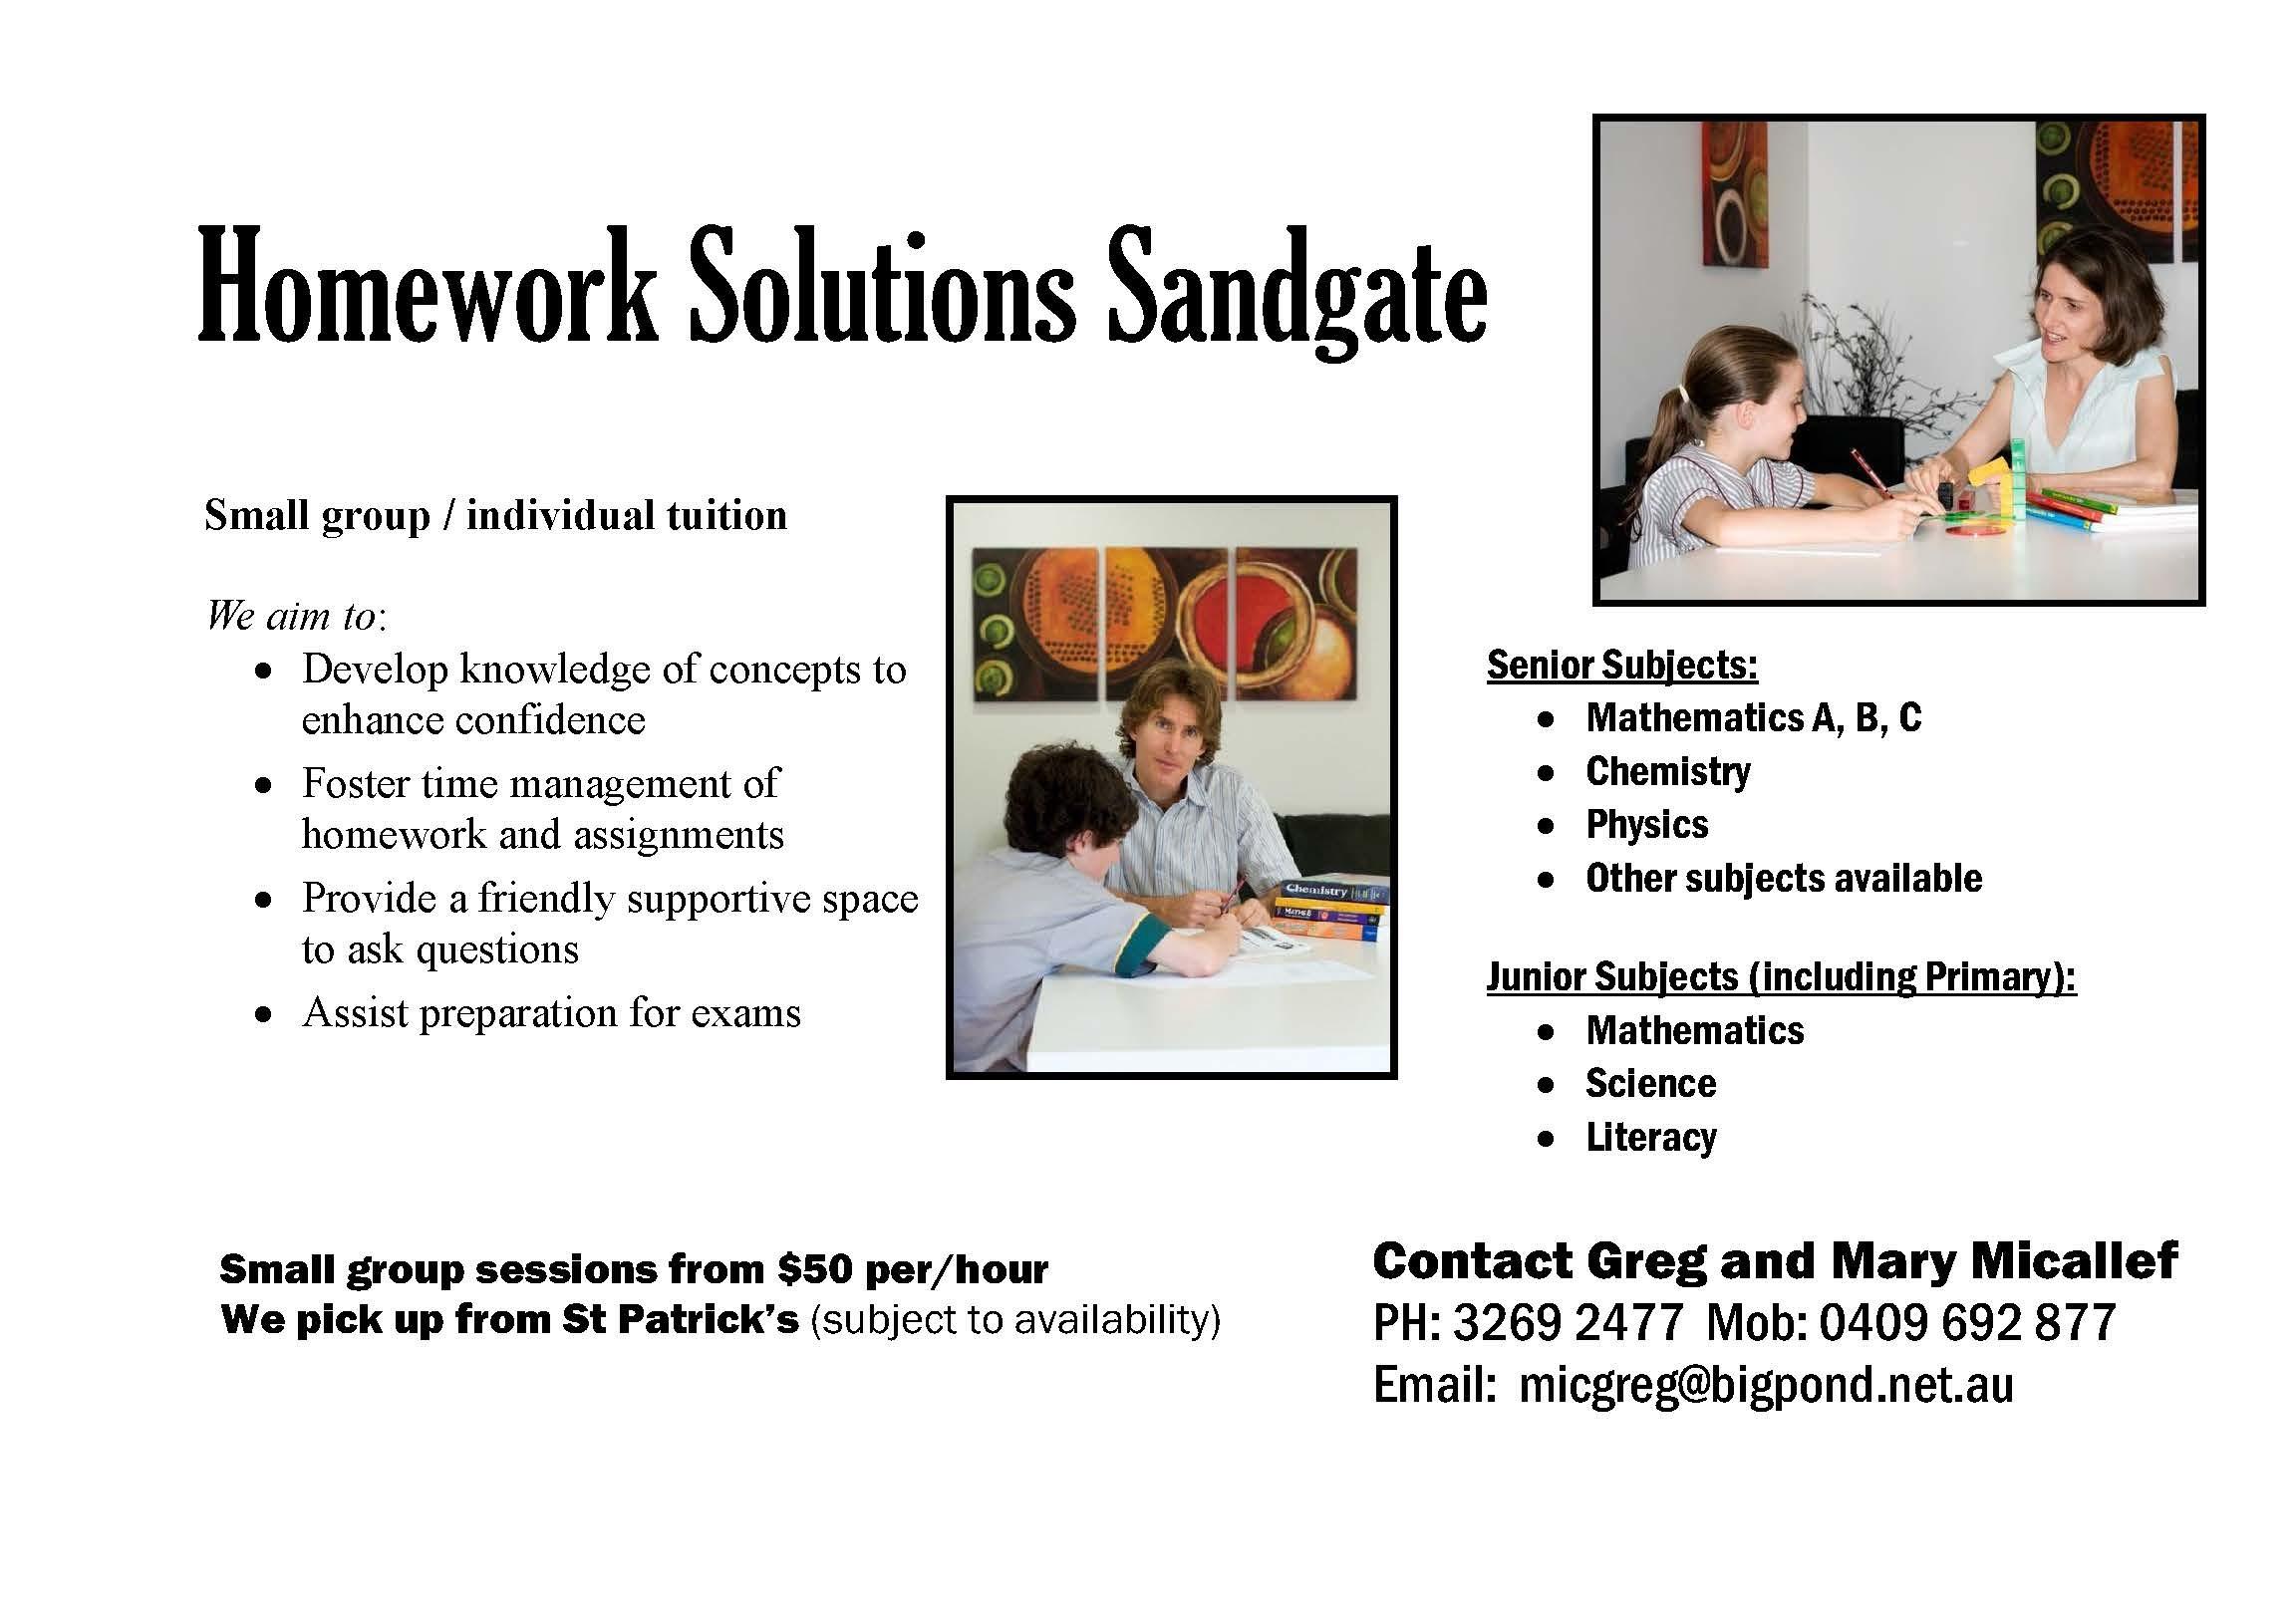 Homework-Solutions-Sandgate.jpg?mtime=20